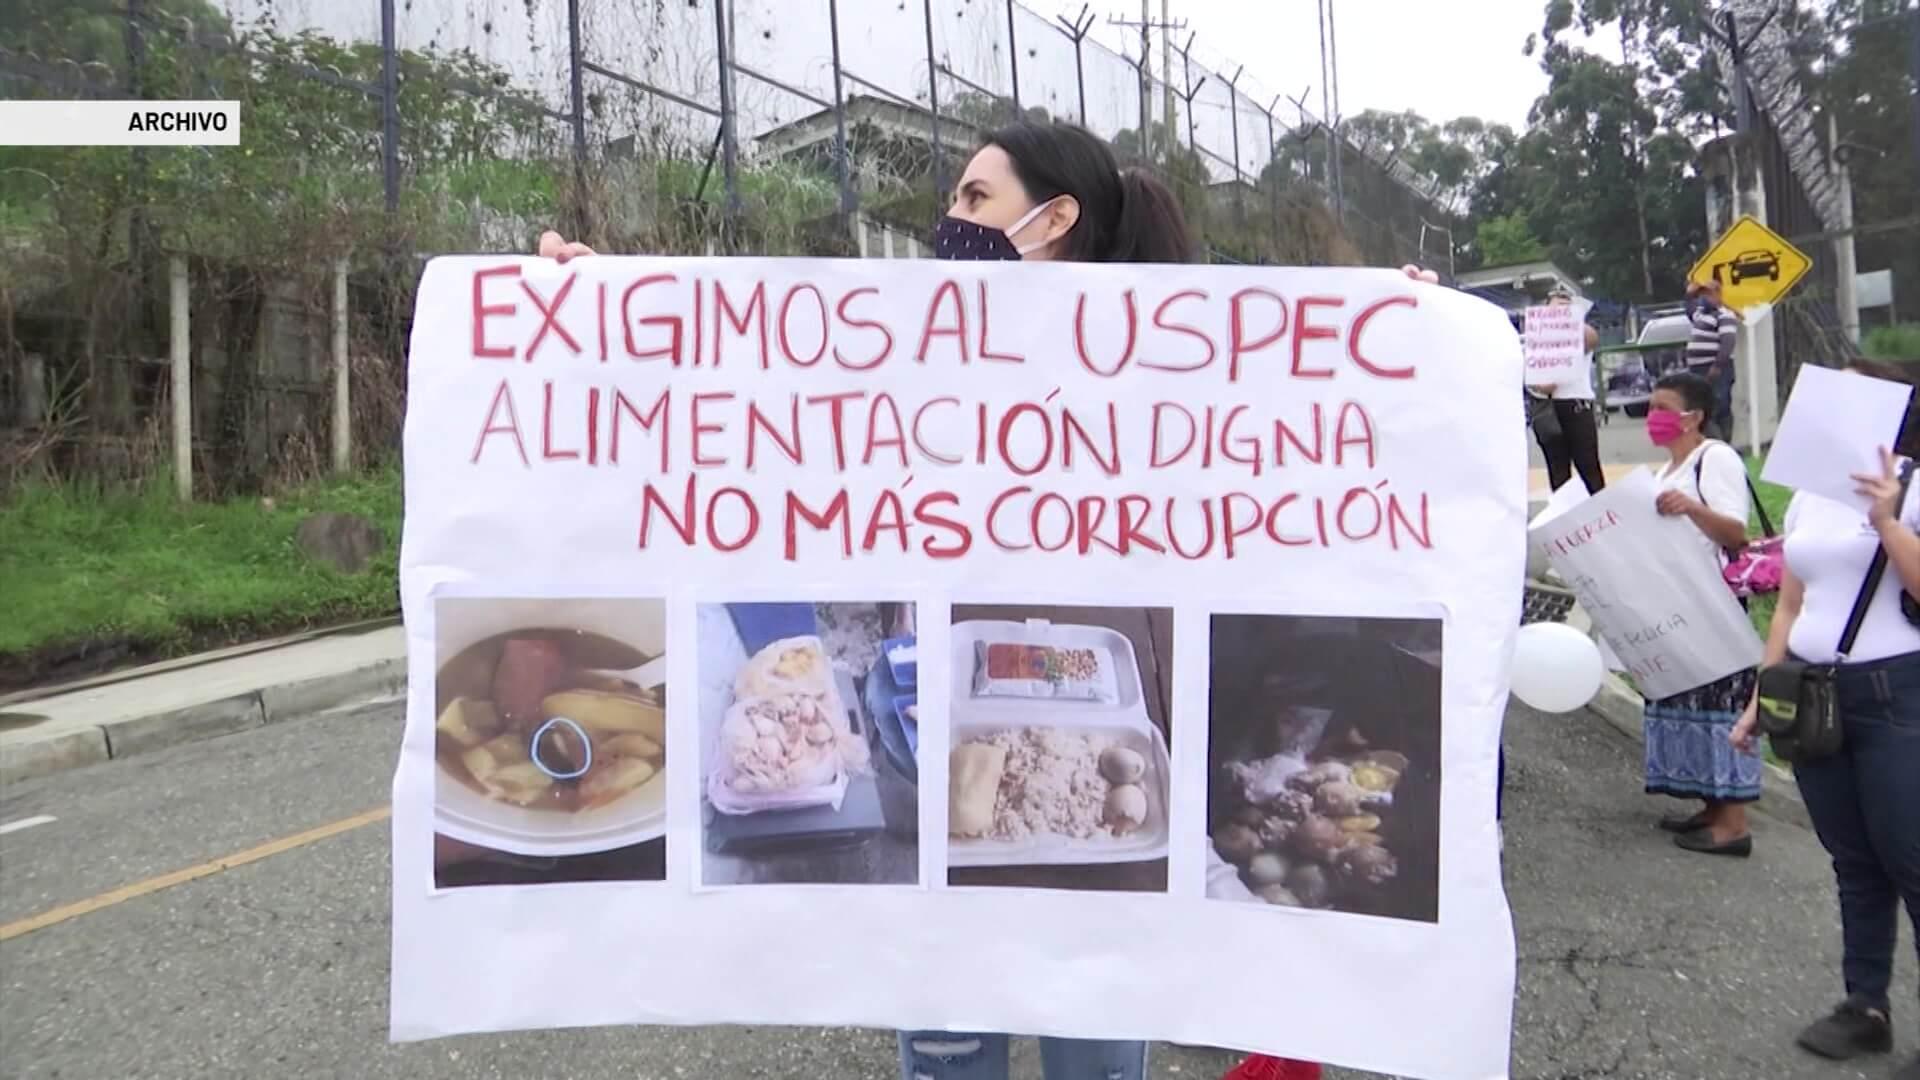 Siguen protestas en El Pedregal por estado de alimentos